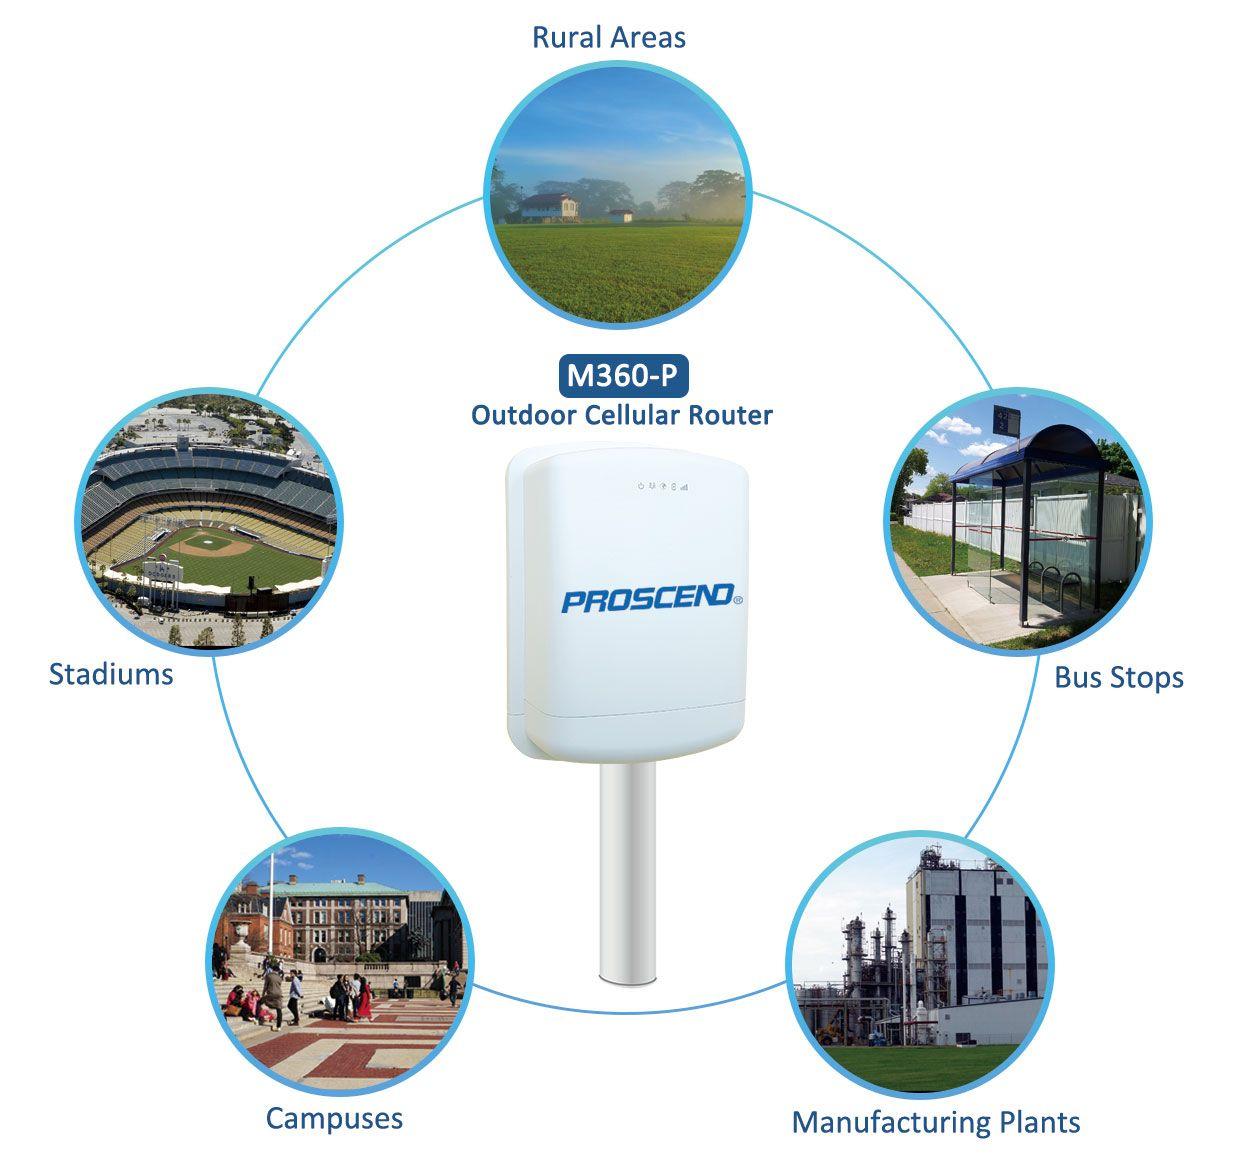 O Roteador Celular Externo Proscend M360-P permite conectividade sem fio fixa em diversos mercados verticais.